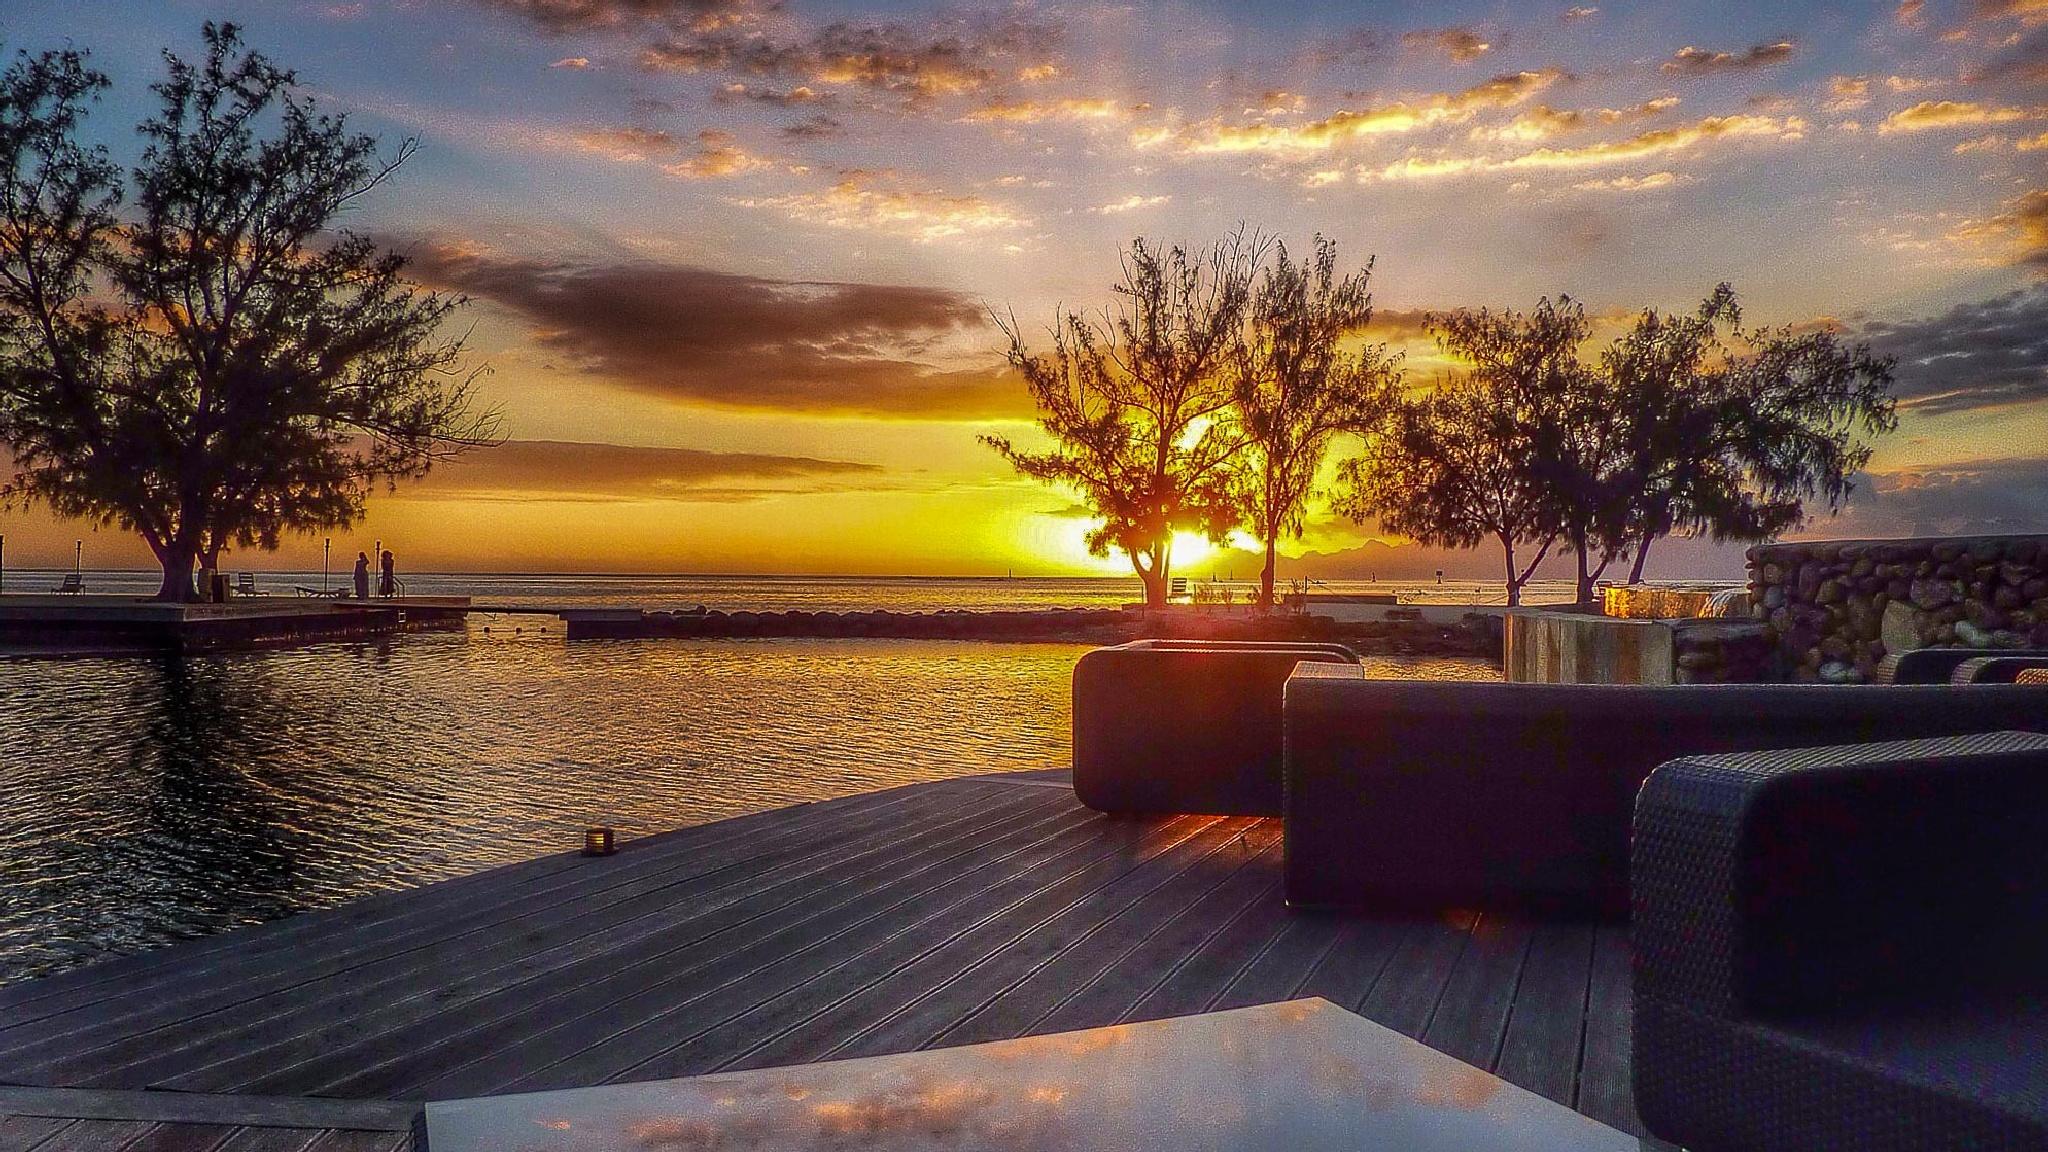 Sunset on Tahiti by Nikolas Muehlethaler